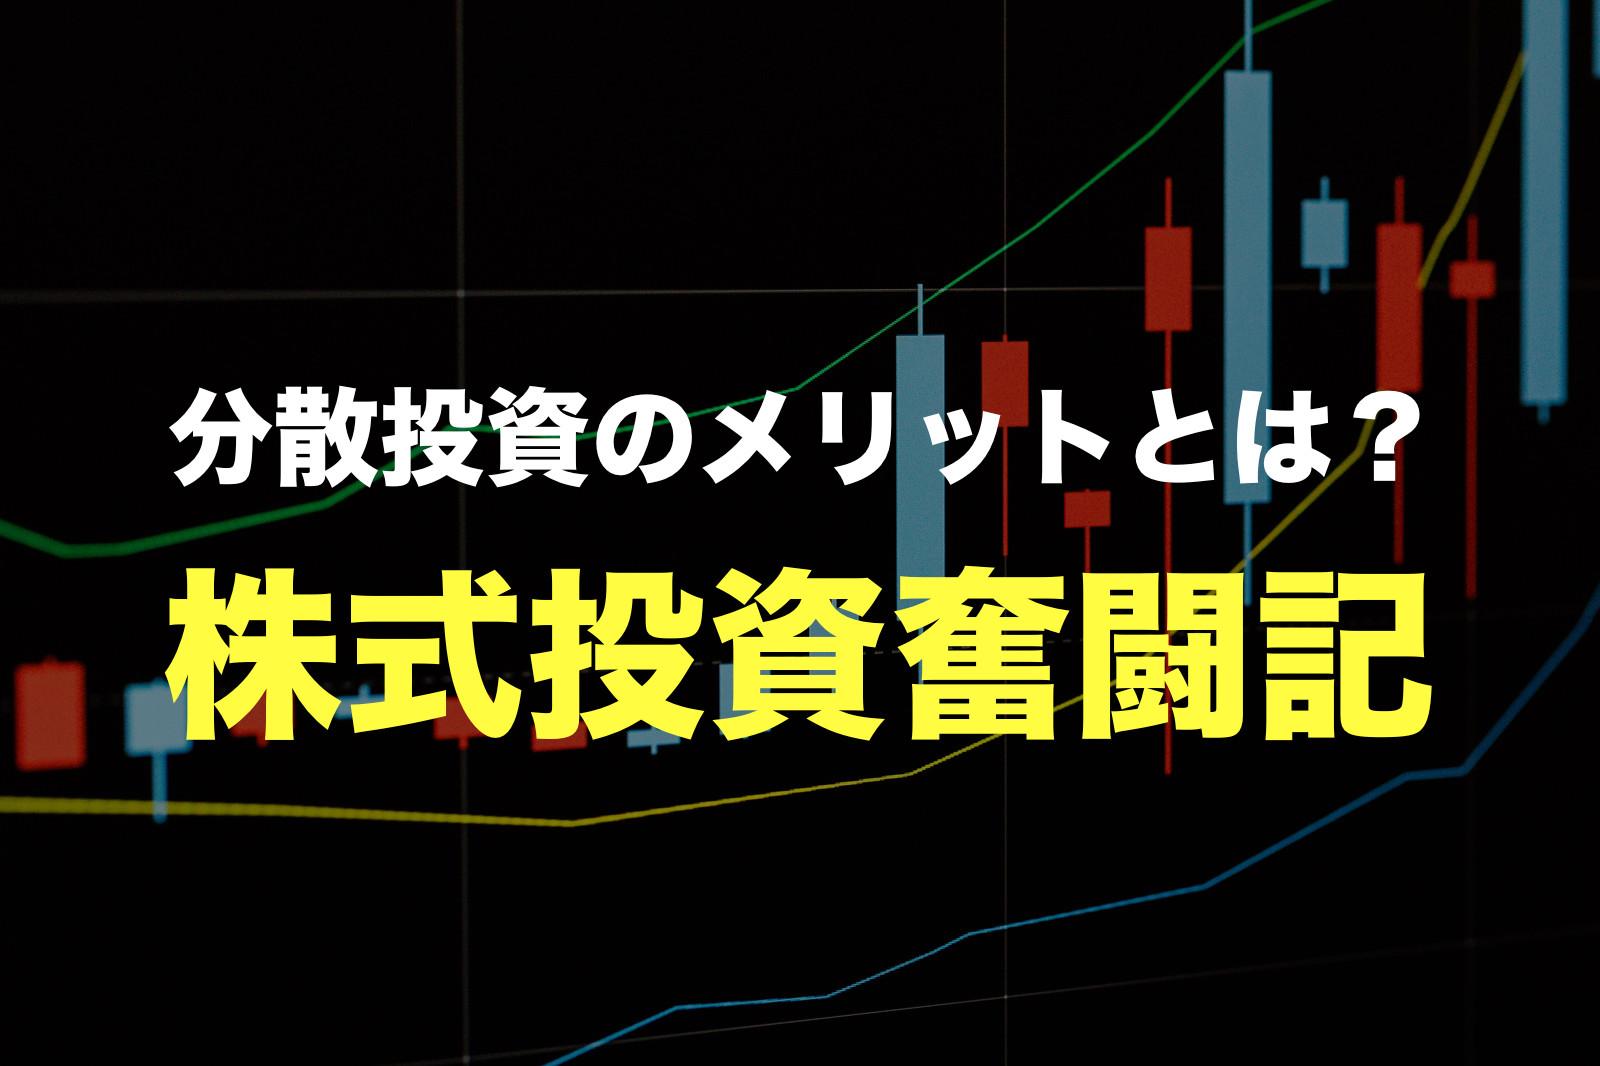 マイナスだった銘柄が復活! 分散投資の例とメリット(株式投資奮闘記 その7)